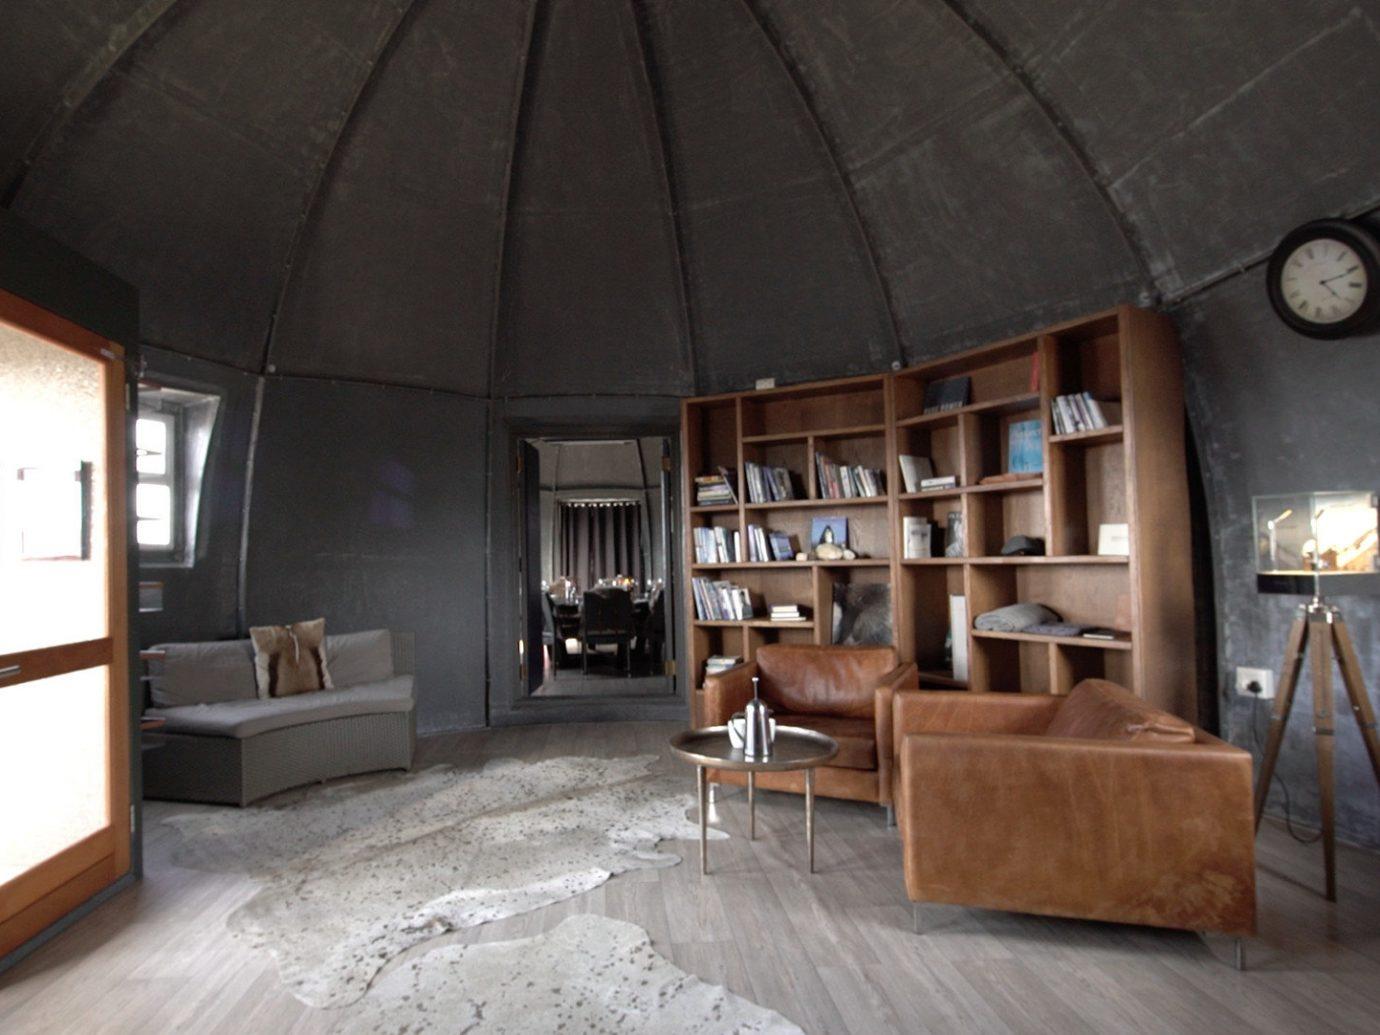 Luxury Travel Trip Ideas indoor floor ceiling chair room interior design loft interior designer furniture